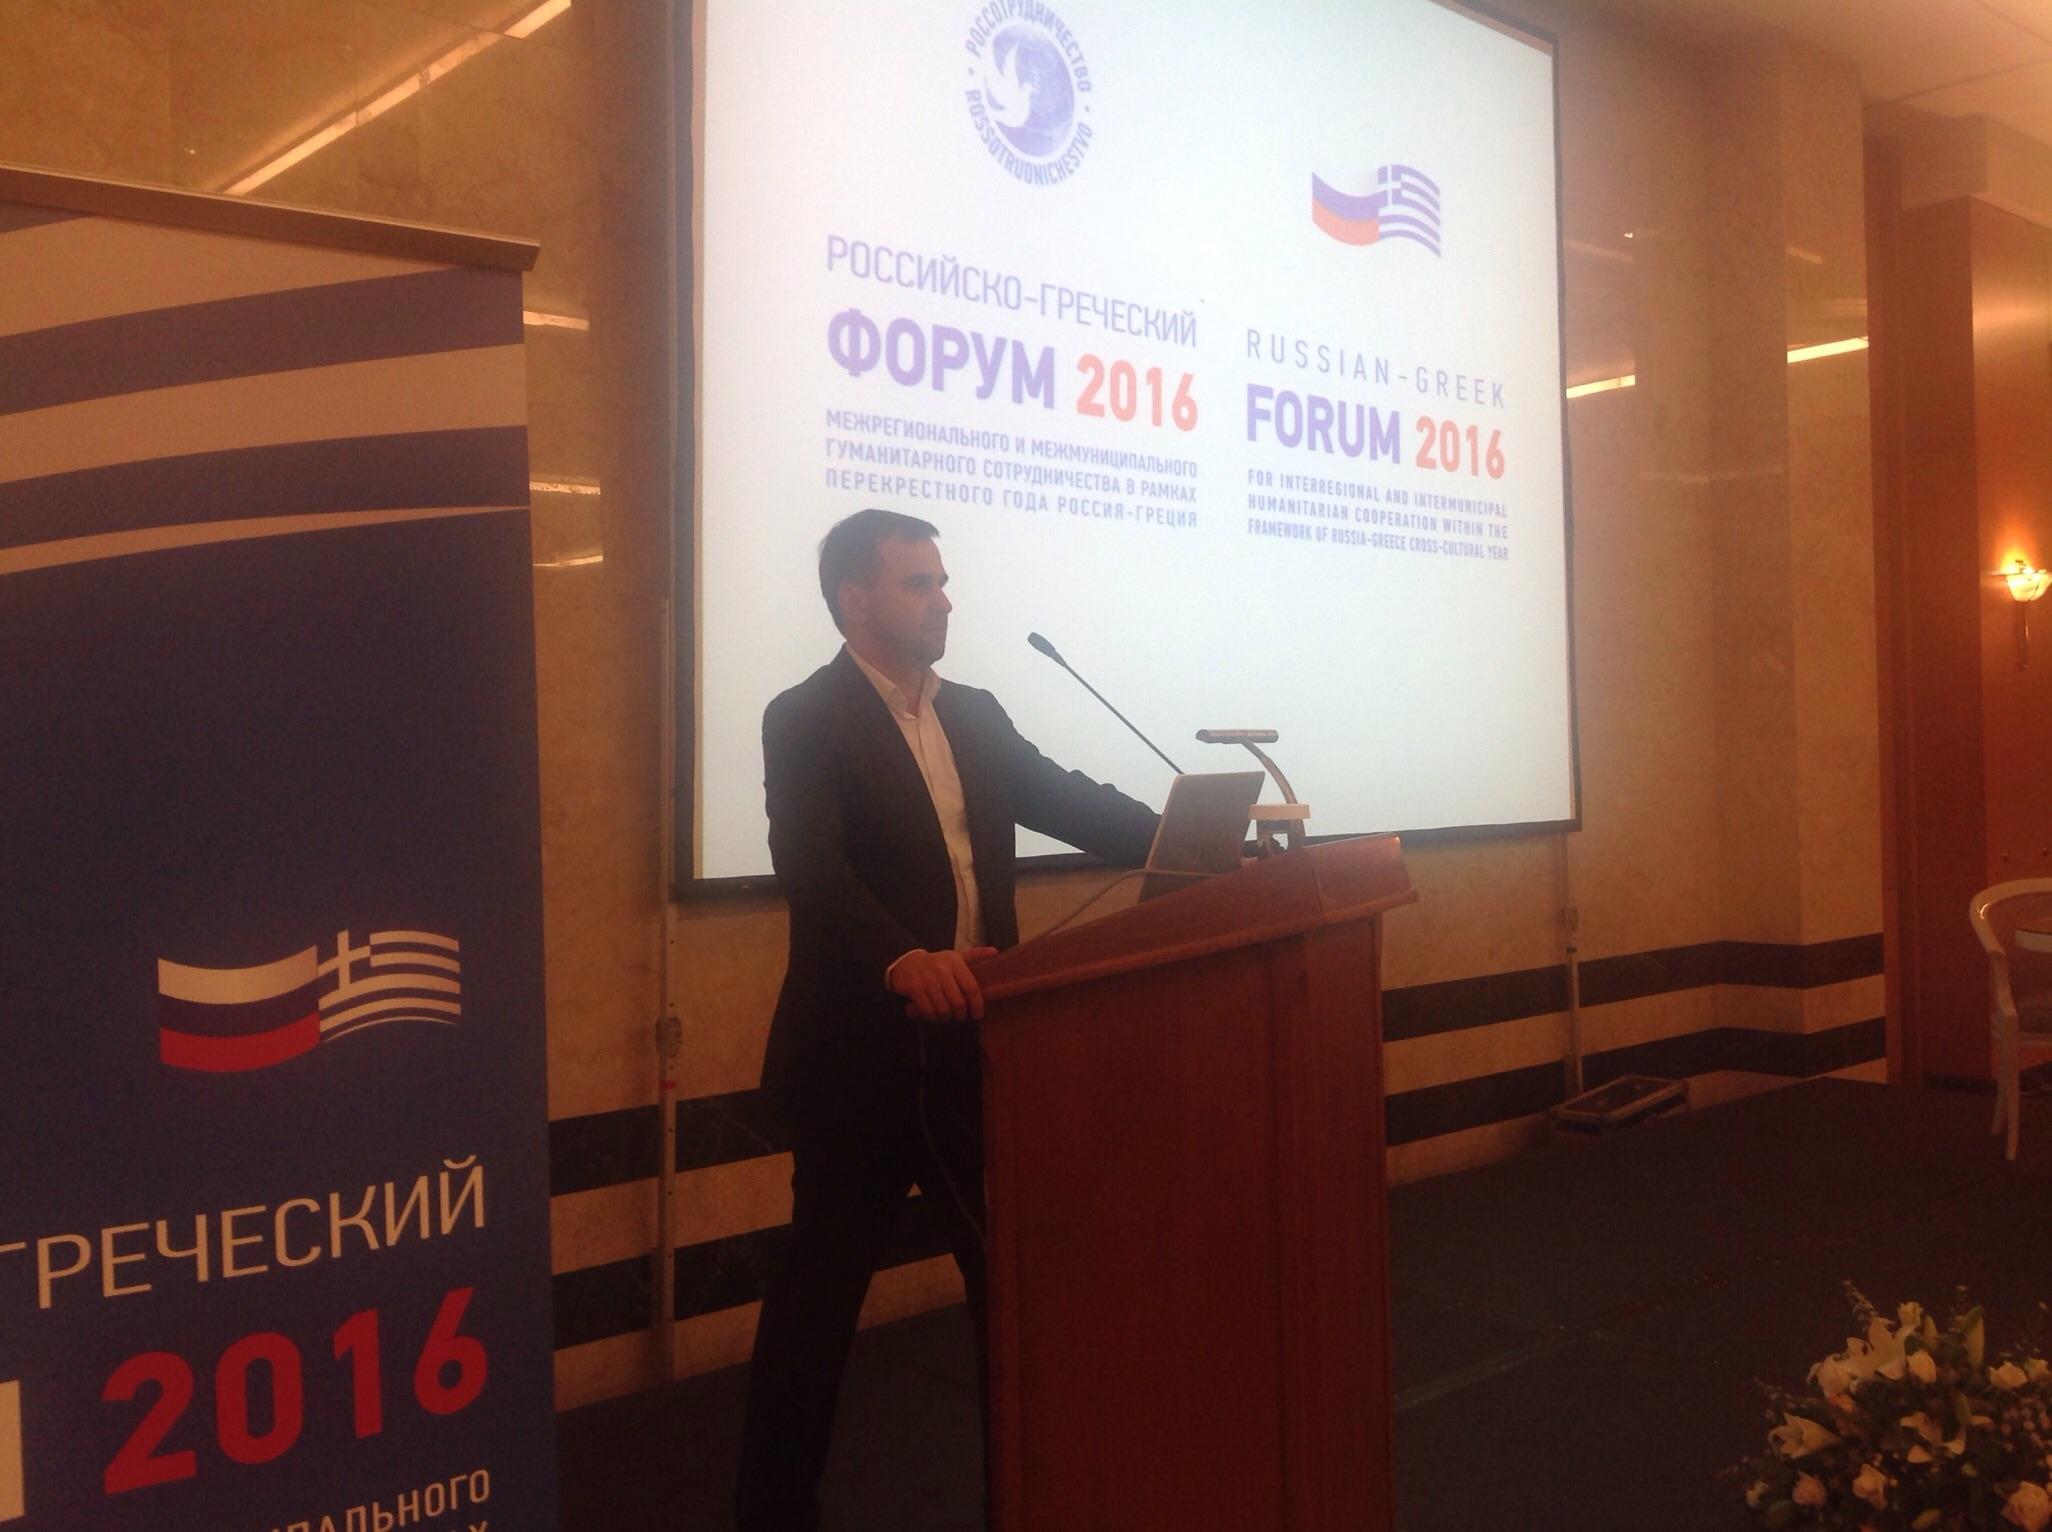 Виктор Колбановски, директор на московскиот Балкански центар за меѓународна соработка зборува на Руско-грчкиот форум за меѓурегионална и меѓуопштинска соработка.